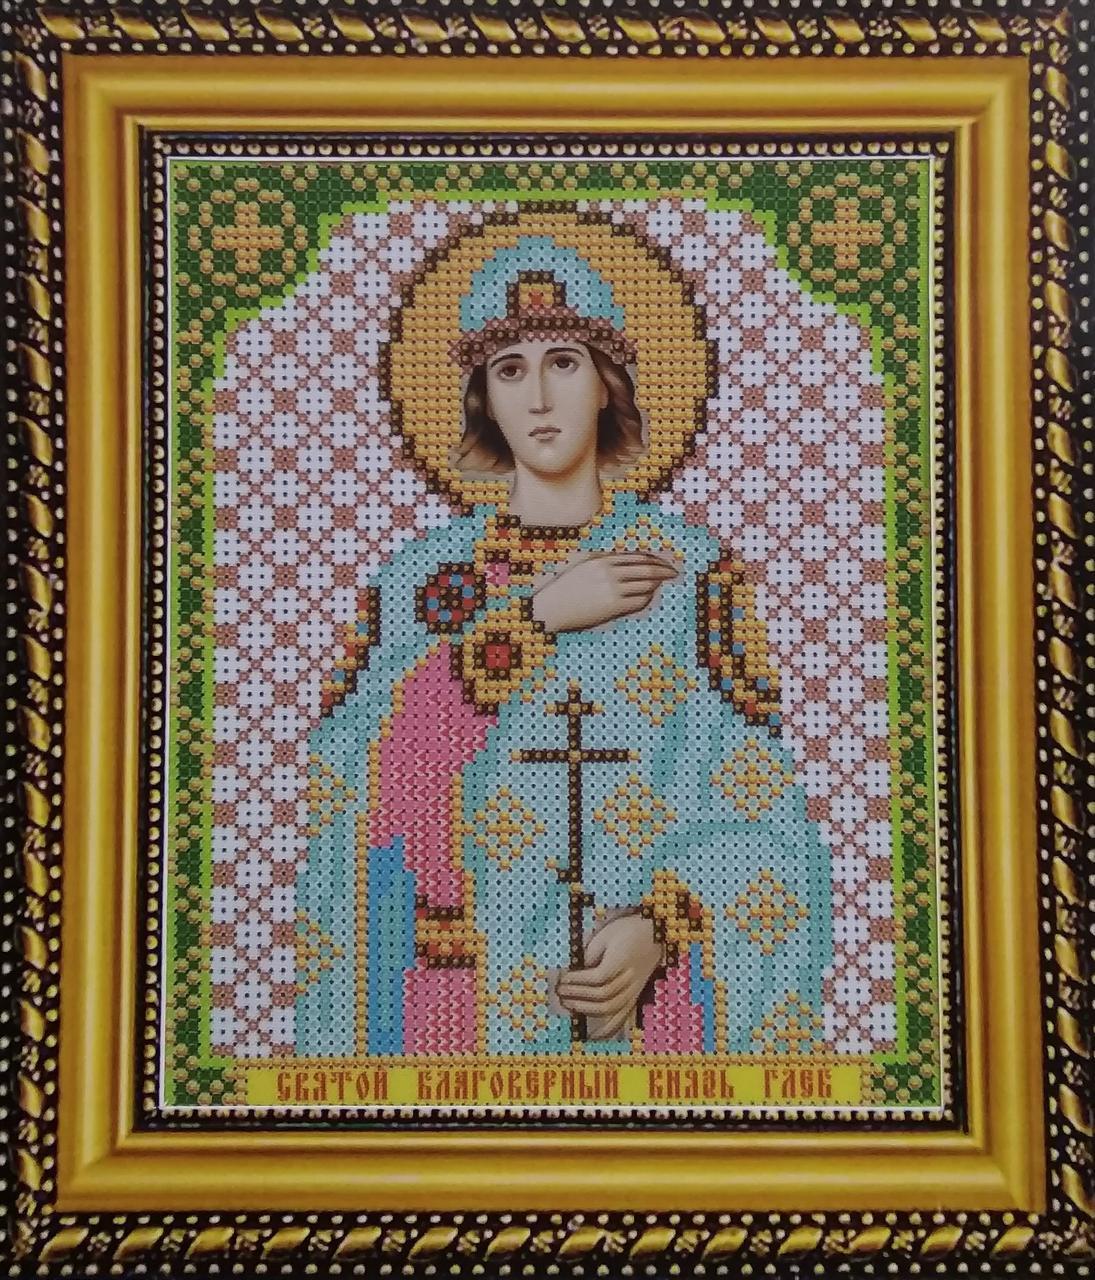 Набор для вышивки бисером ArtWork икона Святой Благоверный Князь Глеб VIA 5143